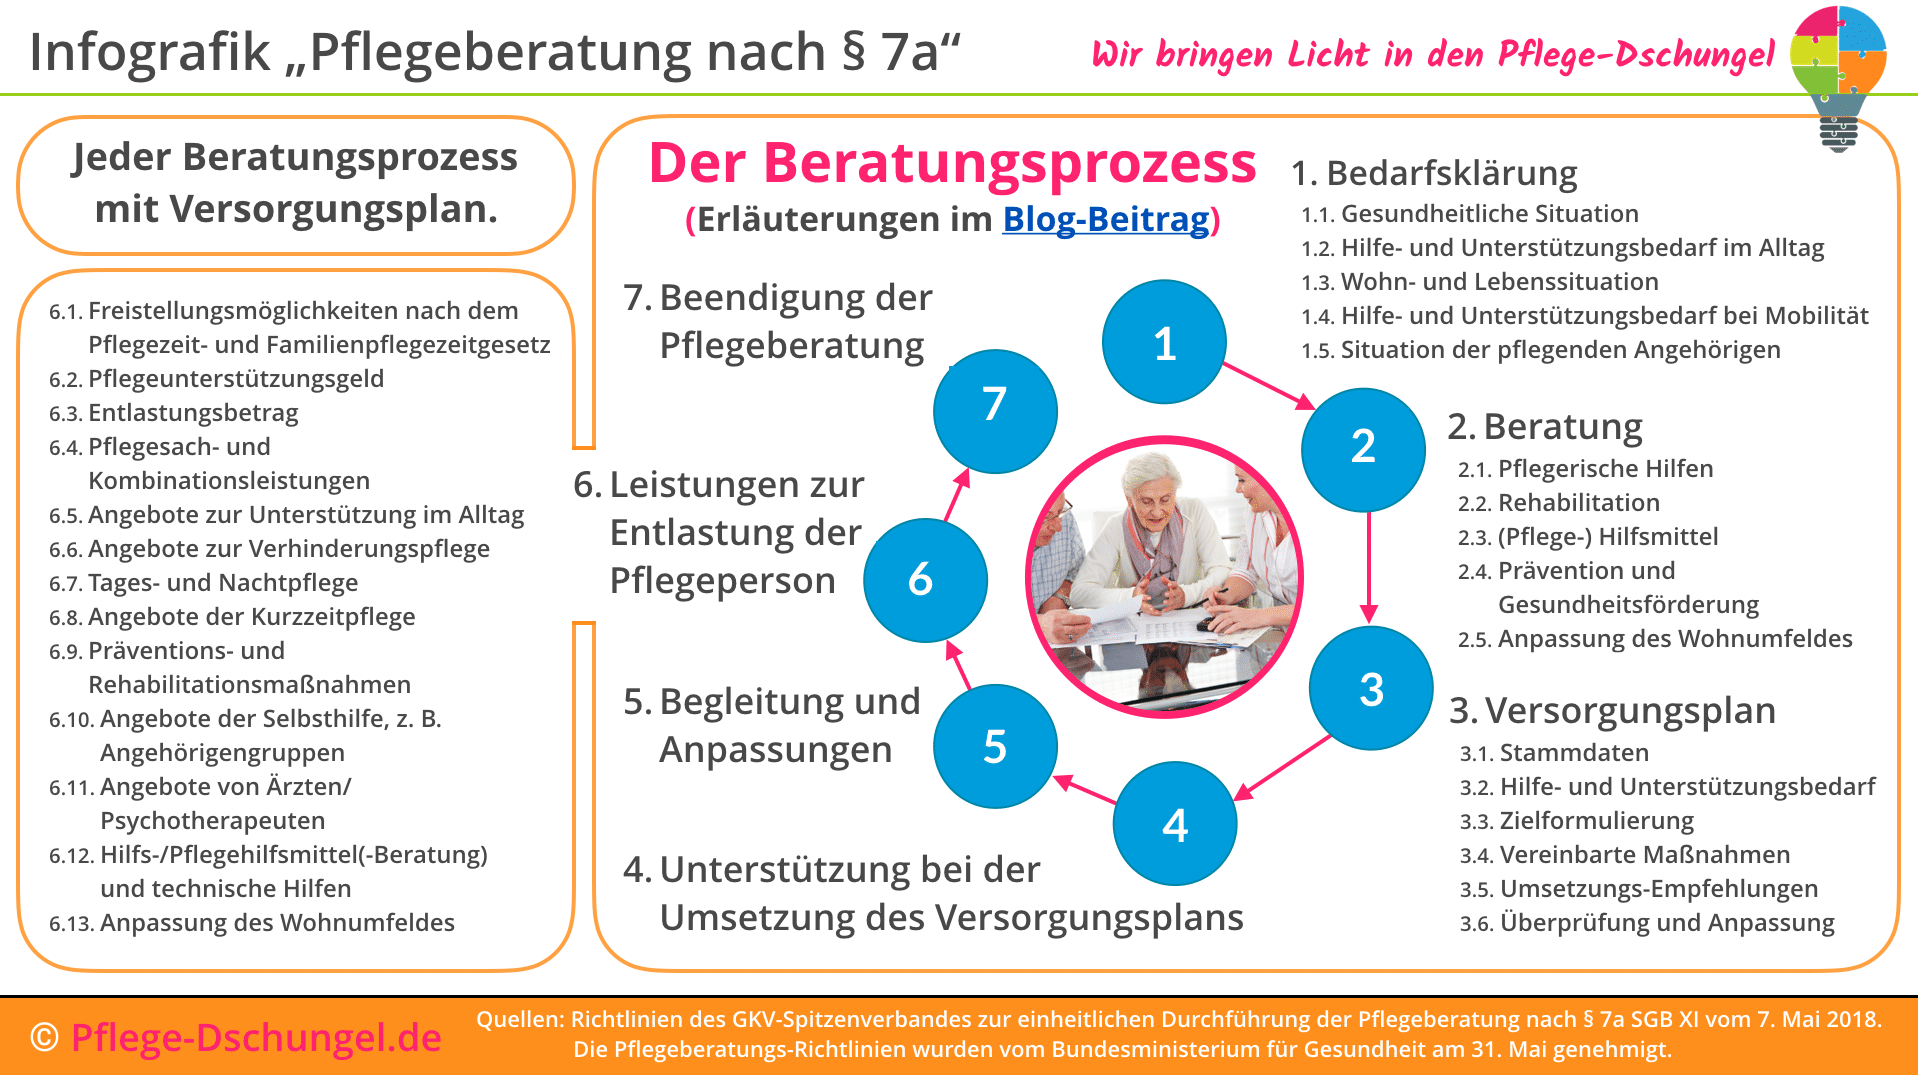 Infografik zu Pflegeberatung nach § 7a